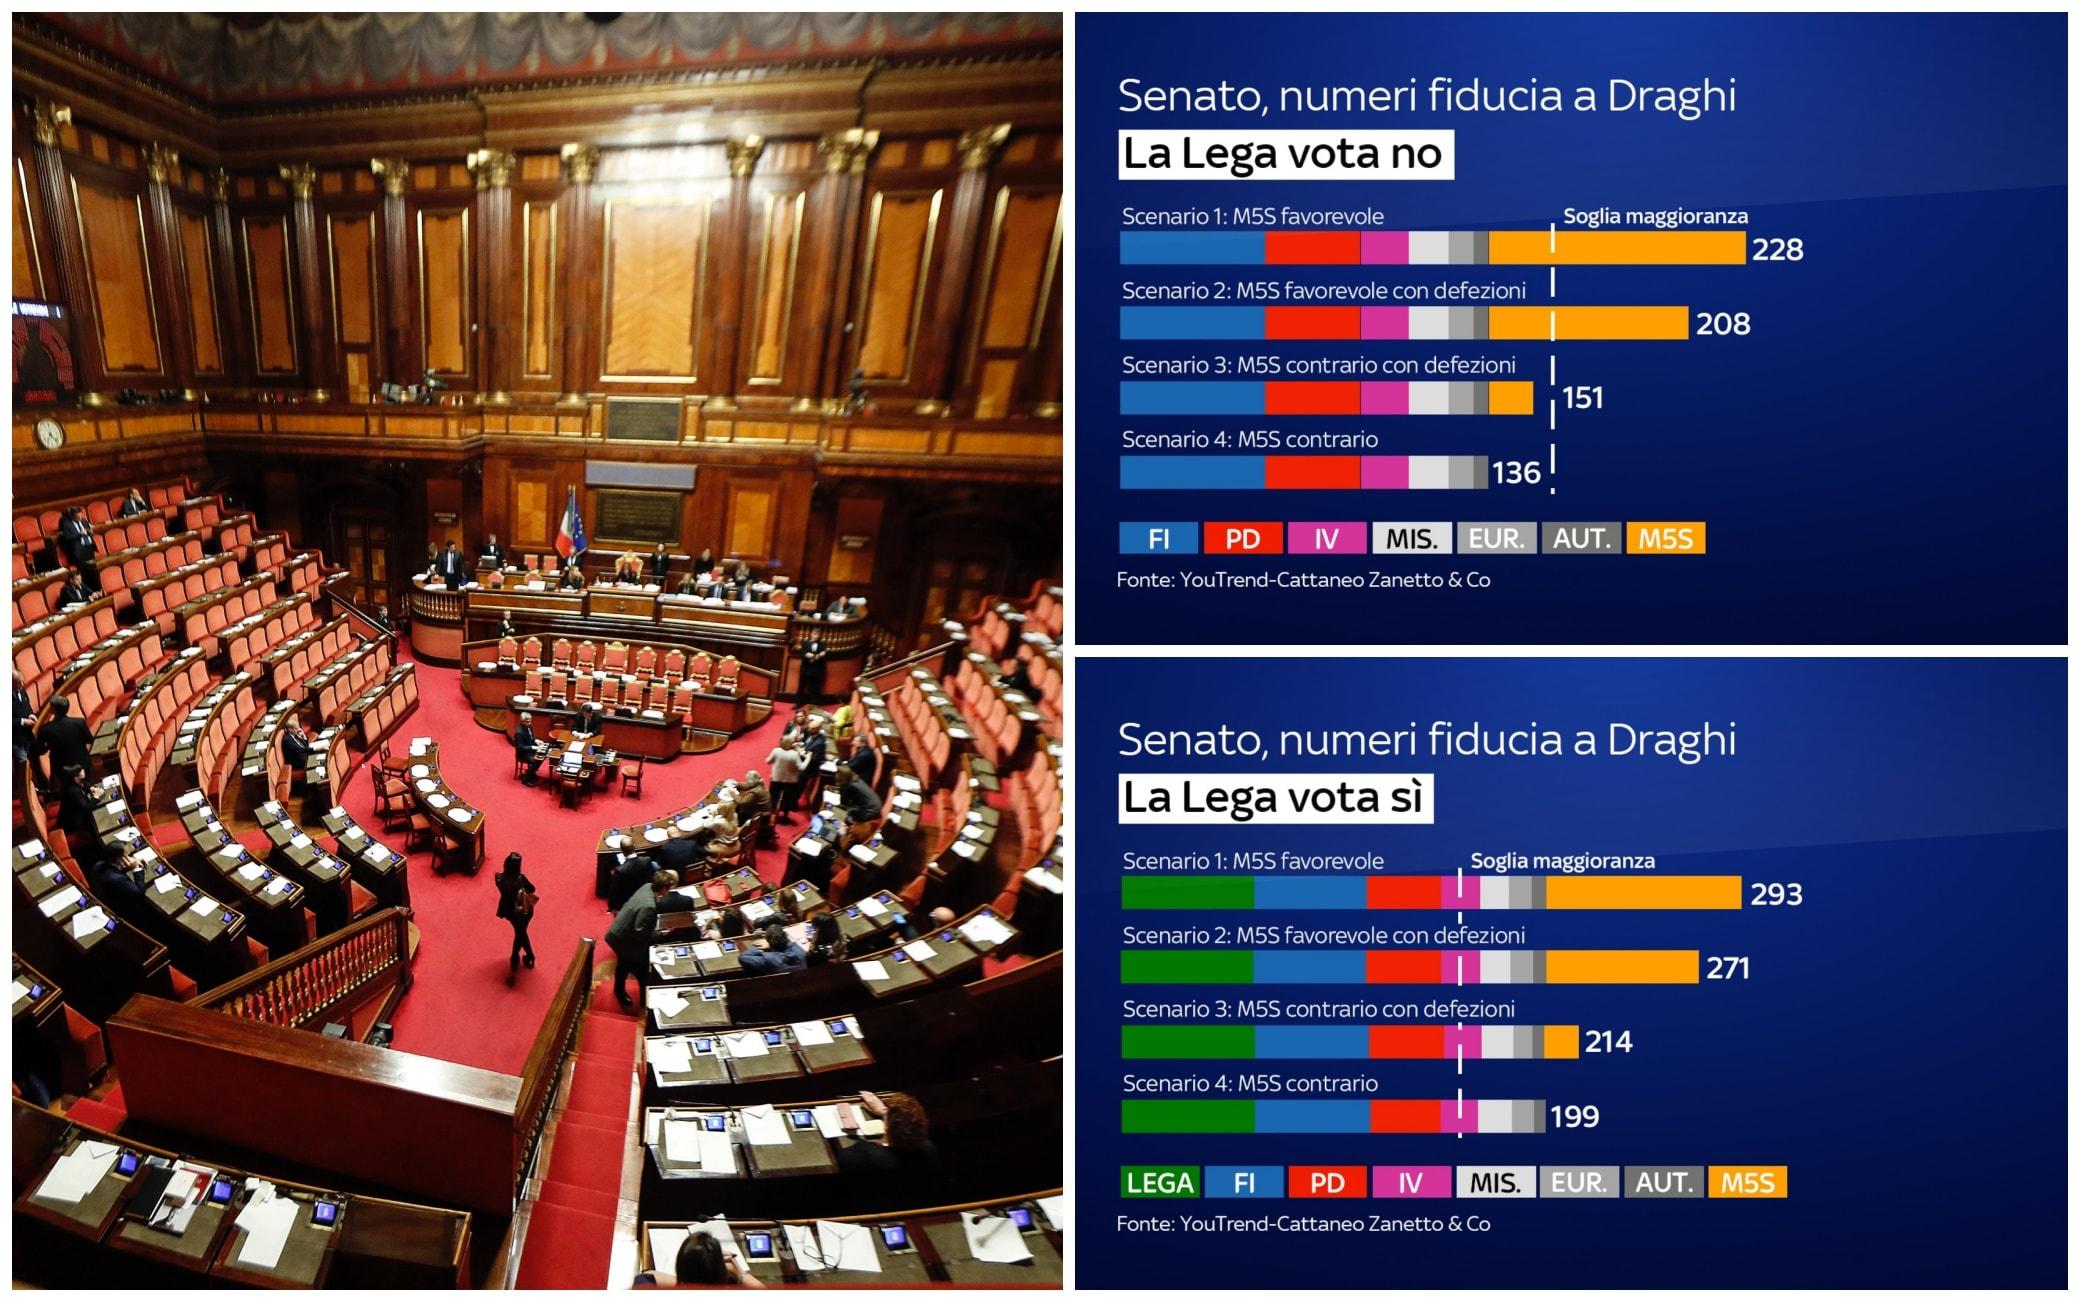 Governo Draghi, ecco le possibili maggioranze alla Camera e al Senato